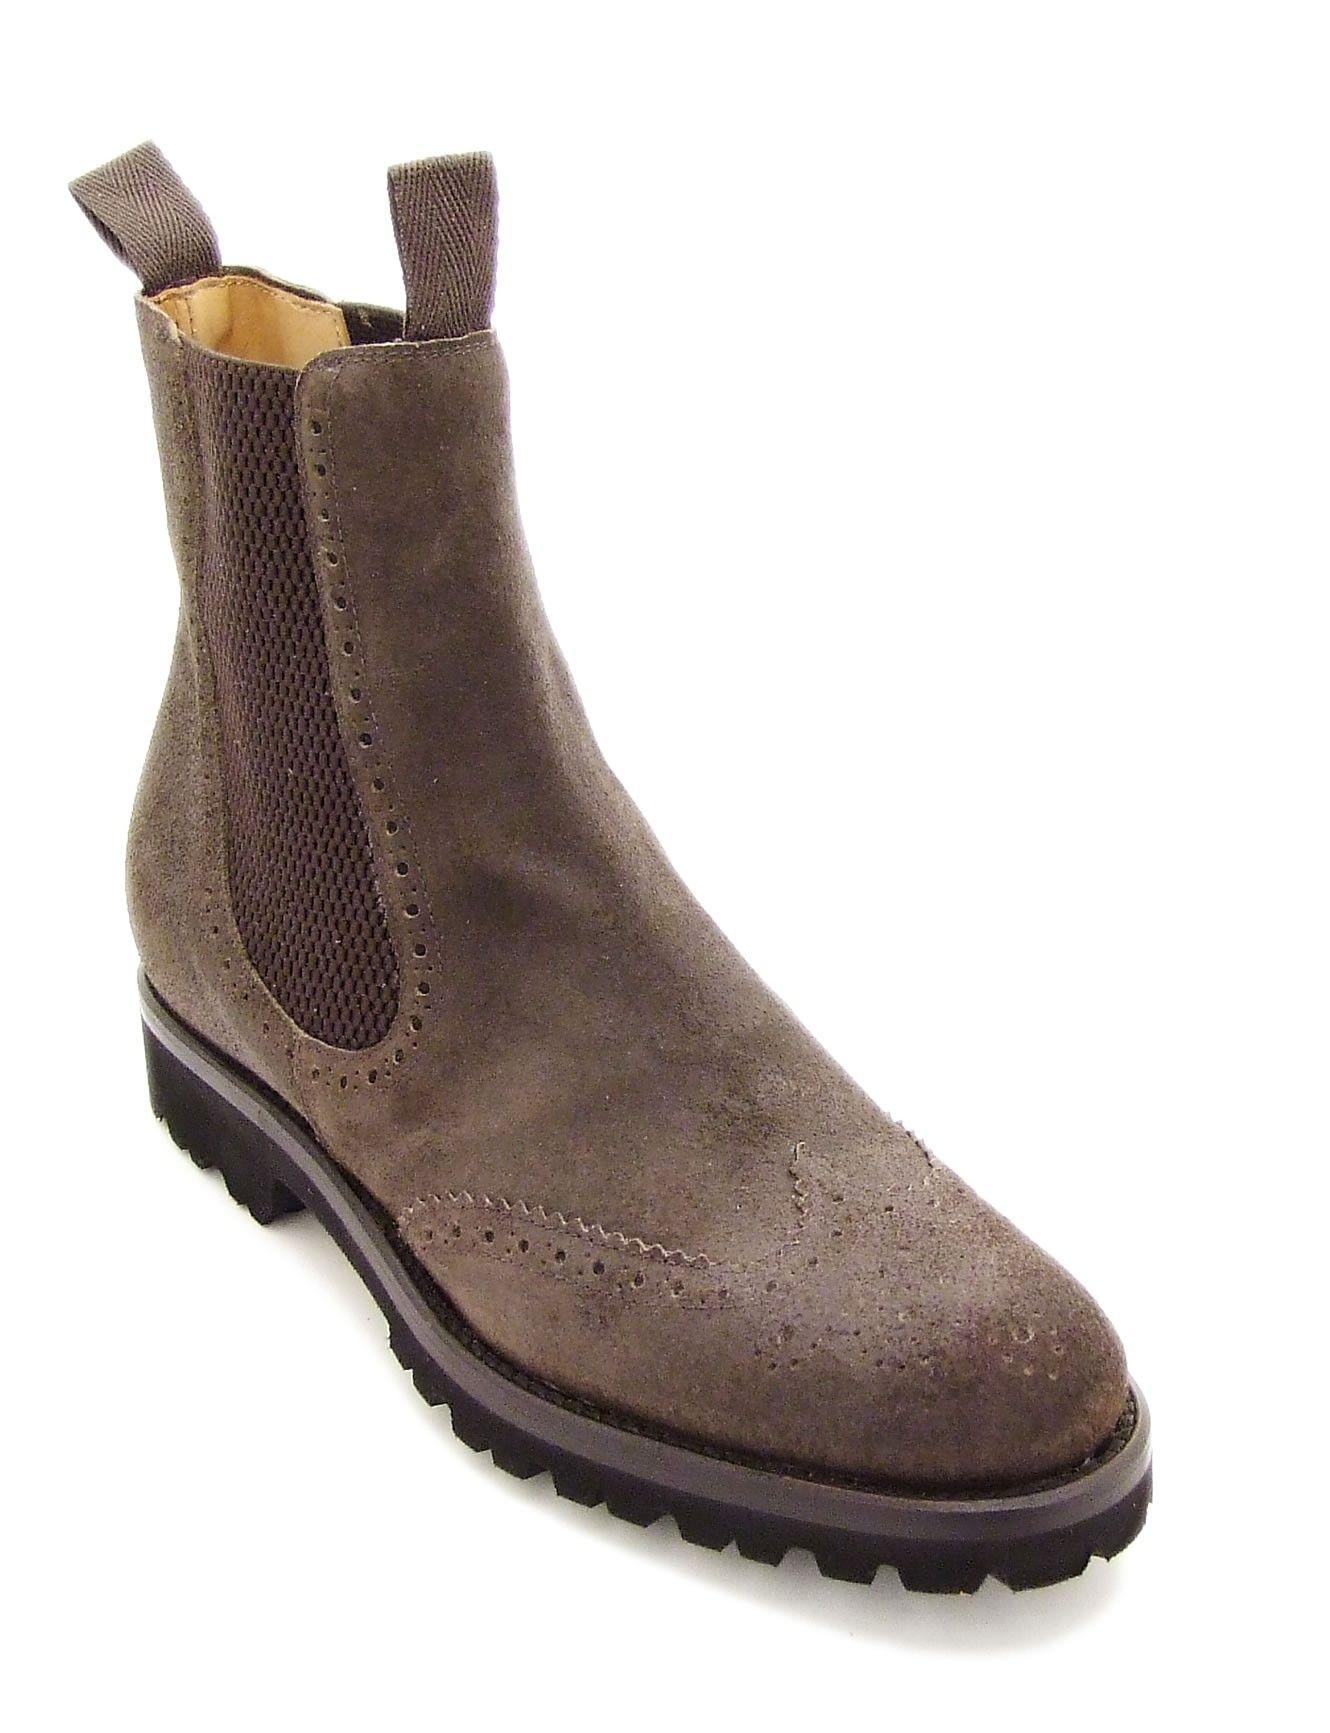 brand new 8220c 8c12a Pin su Il Gergo Boots Donna